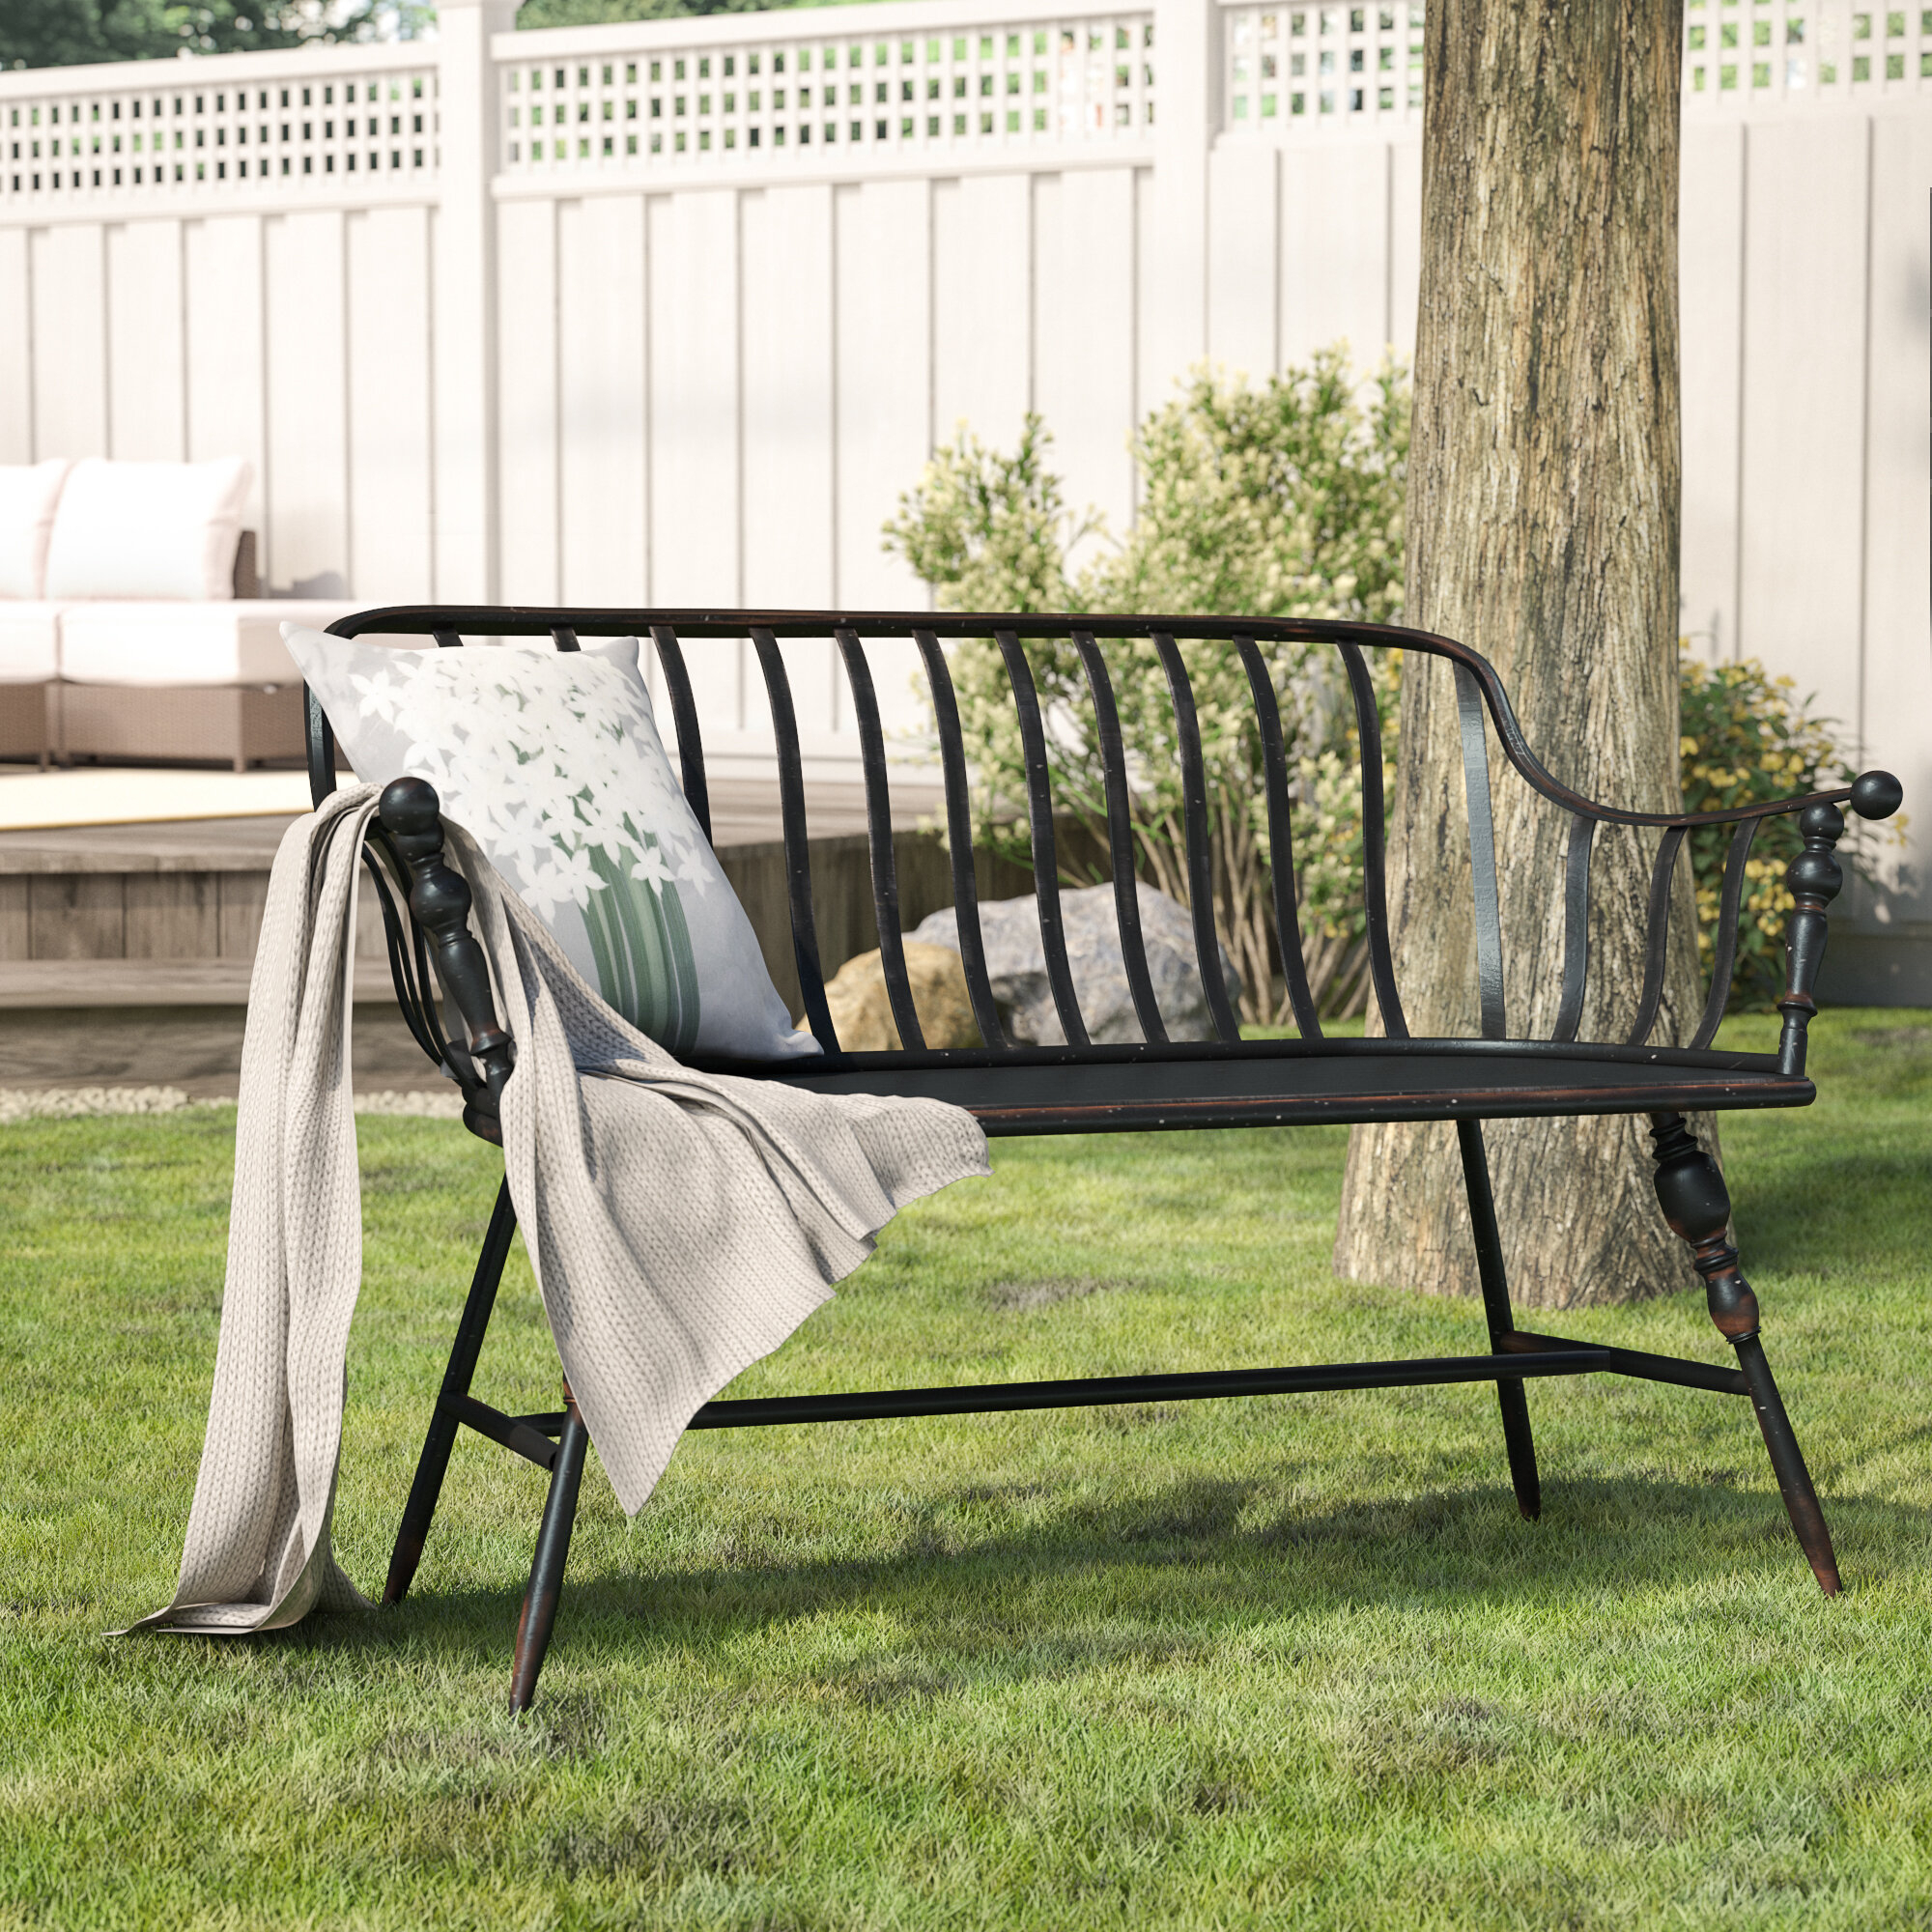 Marchant Metal Garden Bench Regarding Norrie Metal Garden Benches (View 6 of 25)